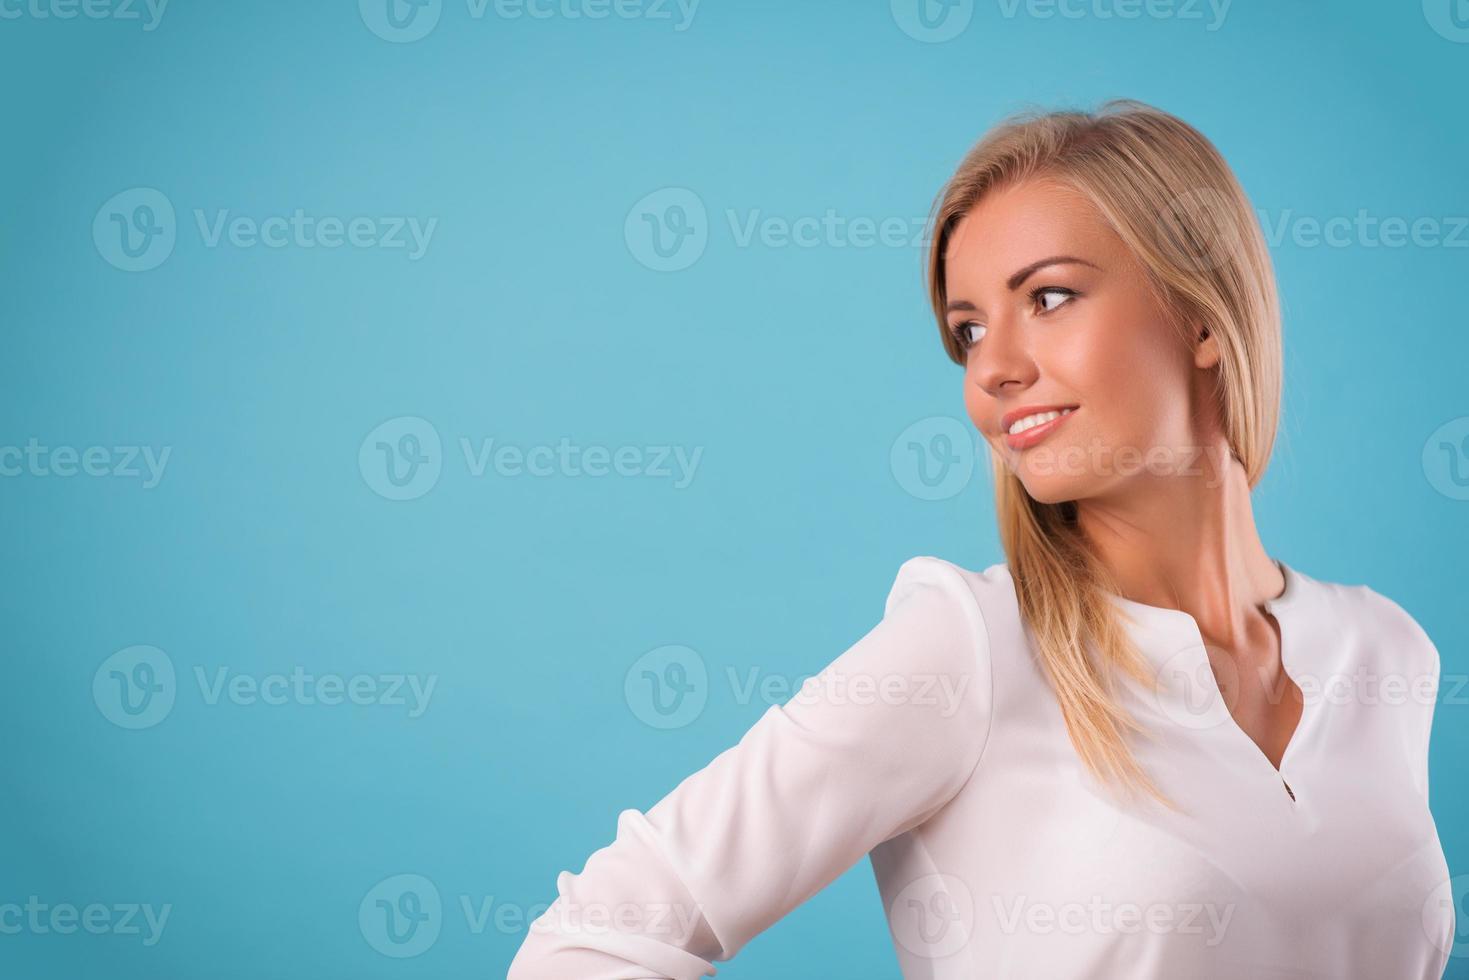 belle blonde portant un chemisier blanc photo